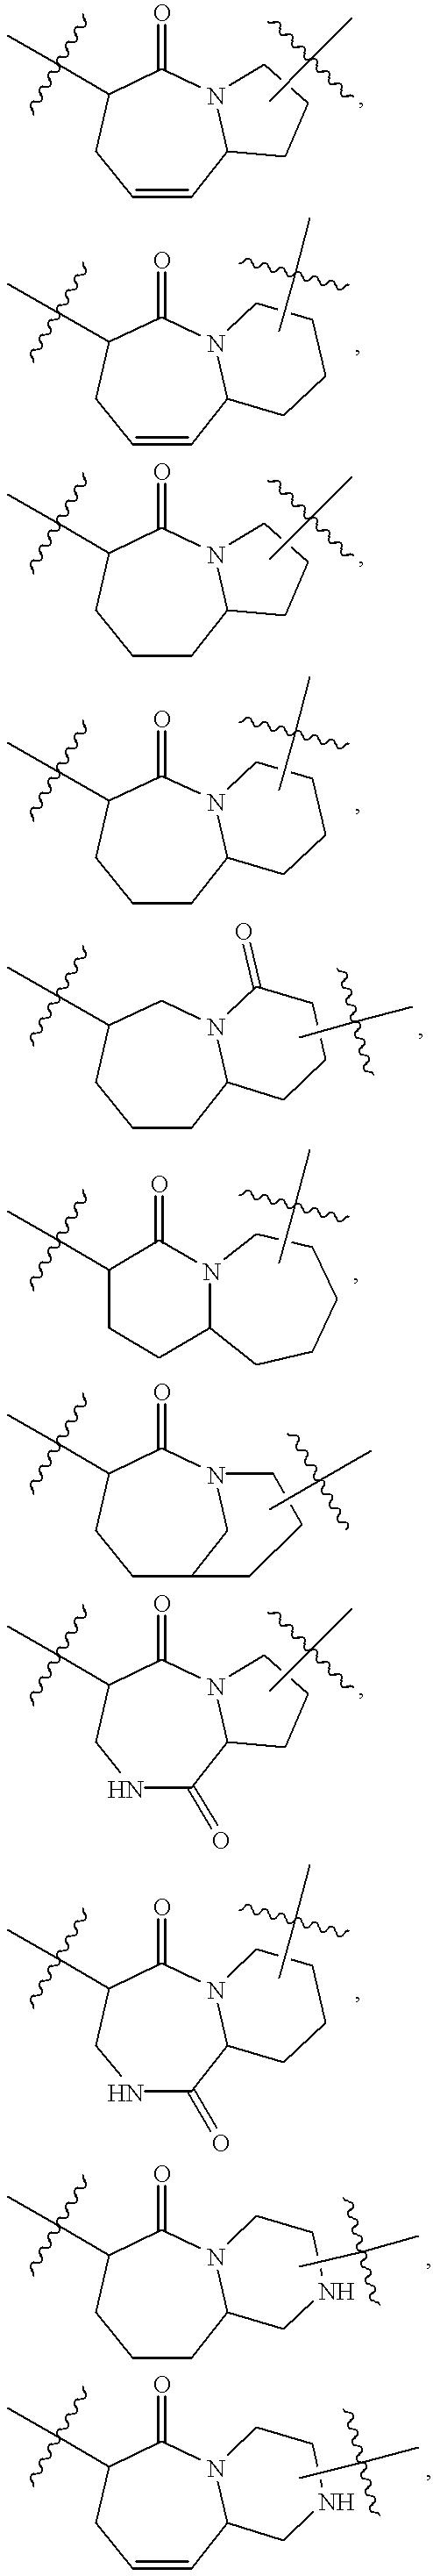 Figure US20020055501A1-20020509-C00011